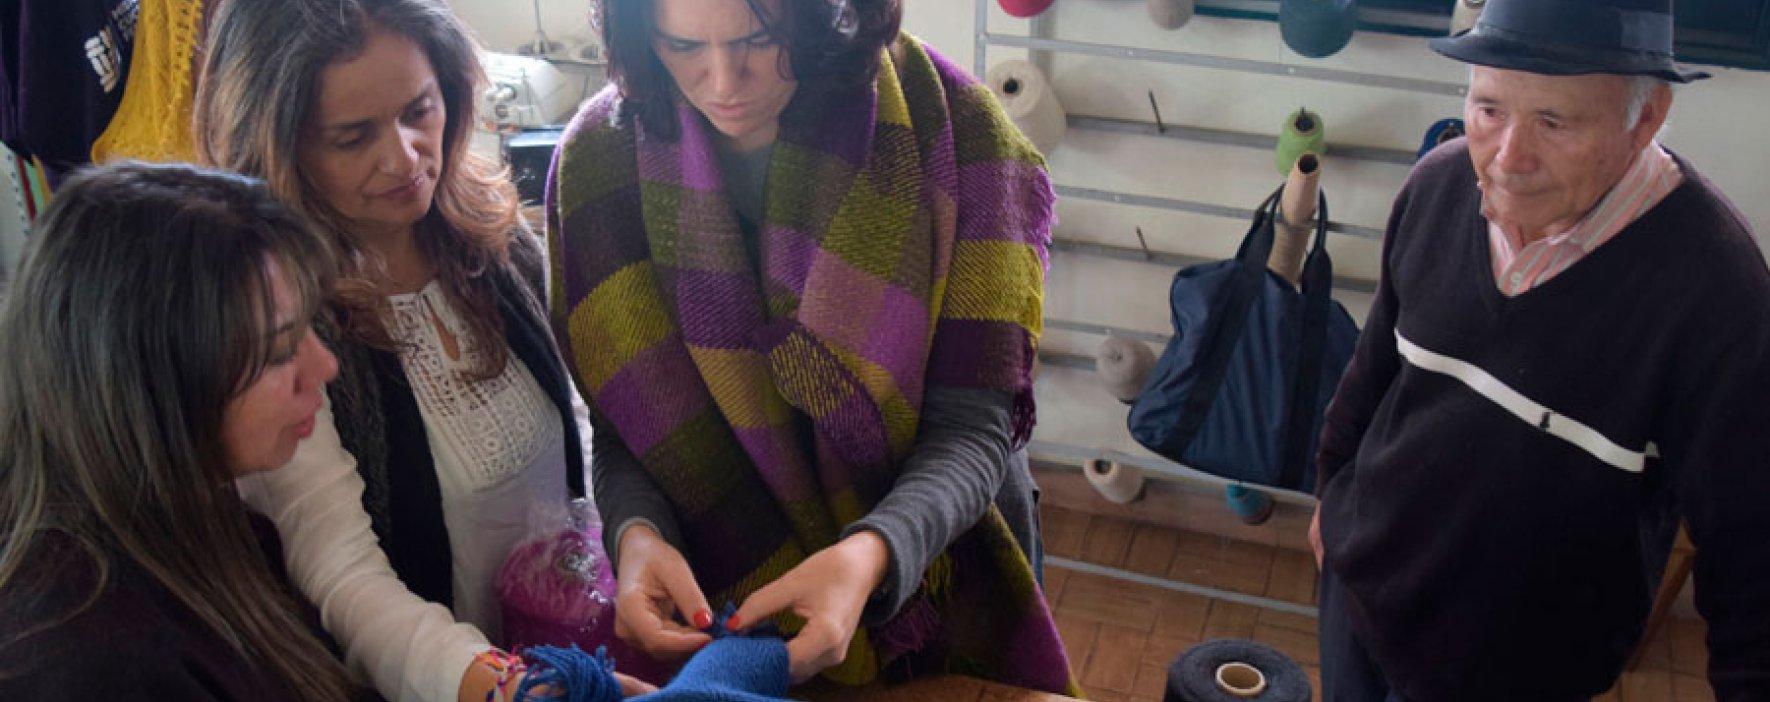 Artesanía y moda en cocreación